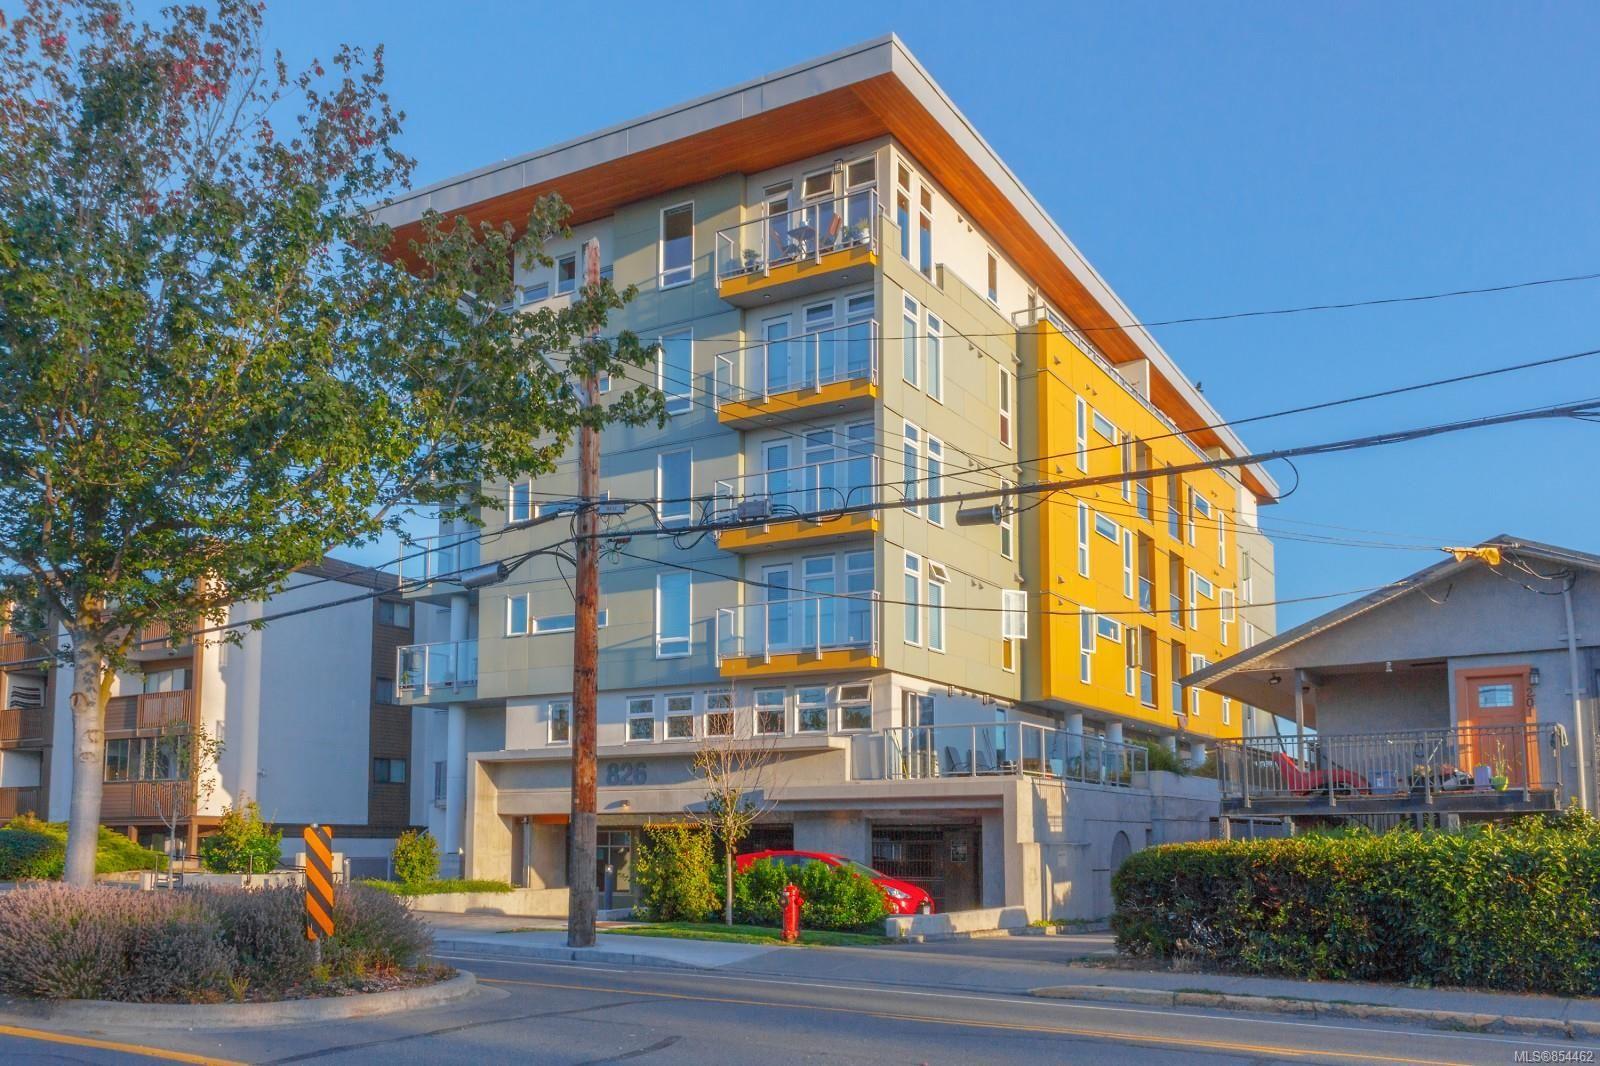 Main Photo: 306 826 Esquimalt Rd in : Es Esquimalt Condo for sale (Esquimalt)  : MLS®# 854462